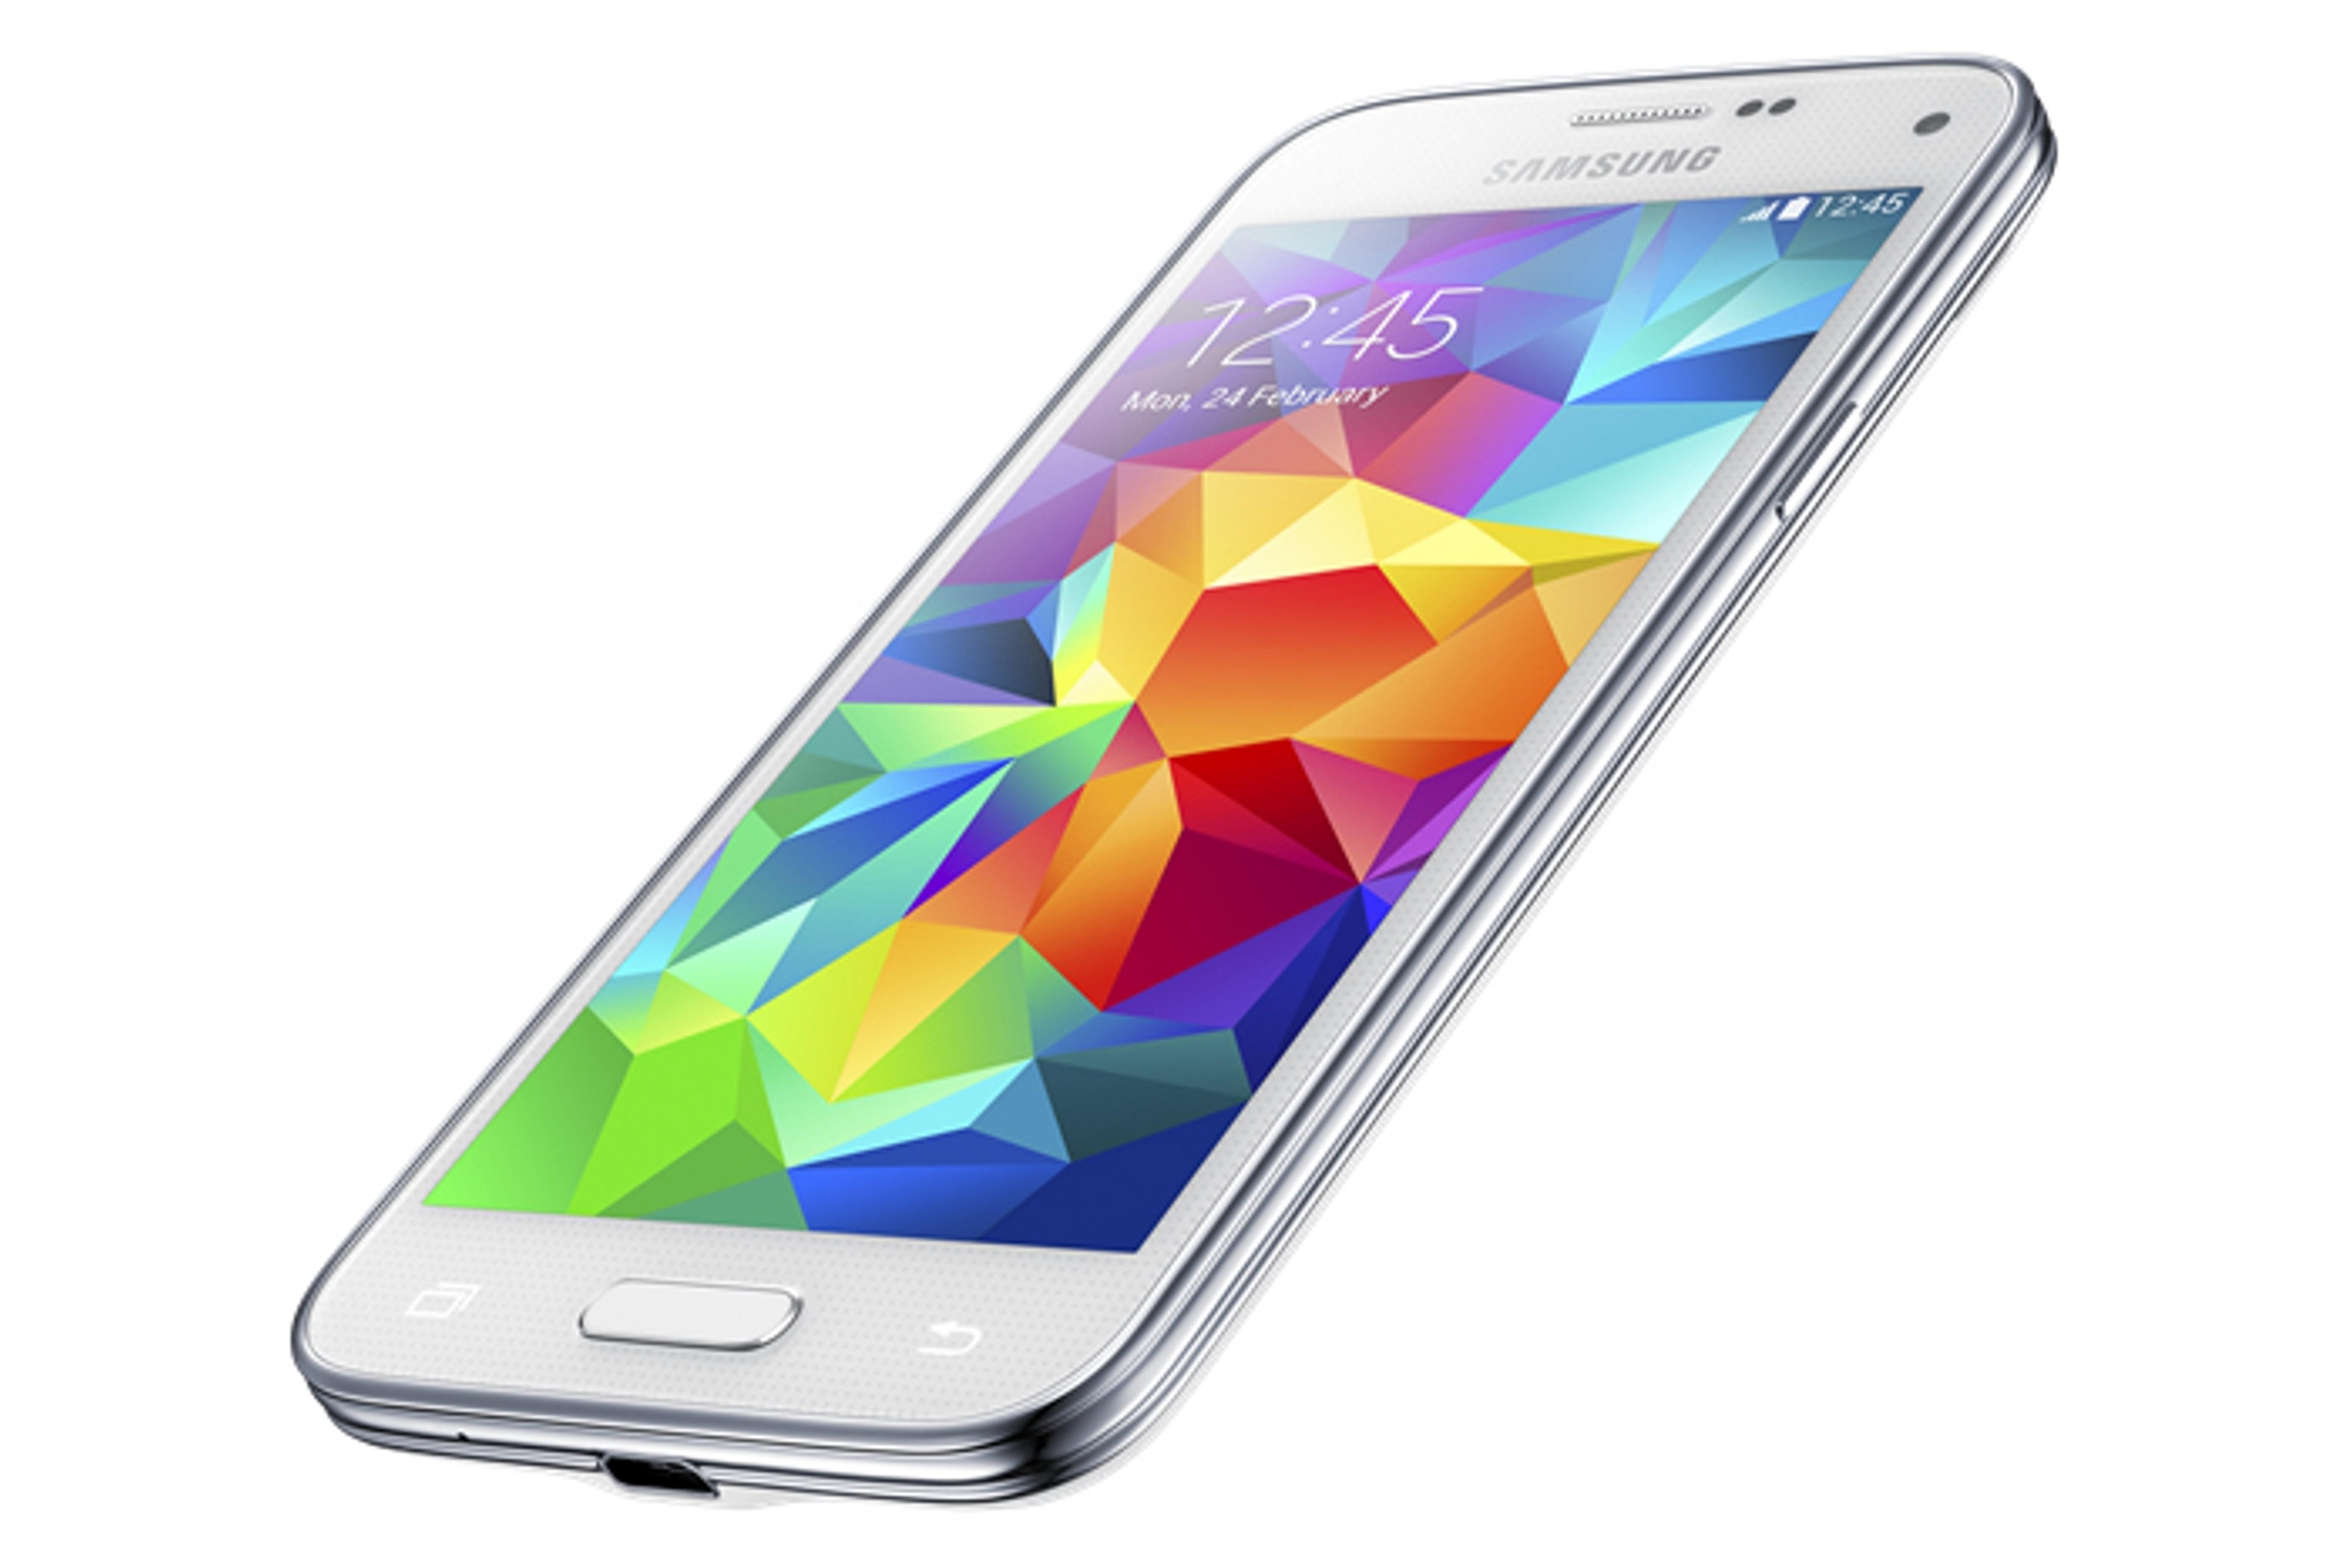 samsung presenta galaxy s5 mini un smartphone compacto y. Black Bedroom Furniture Sets. Home Design Ideas